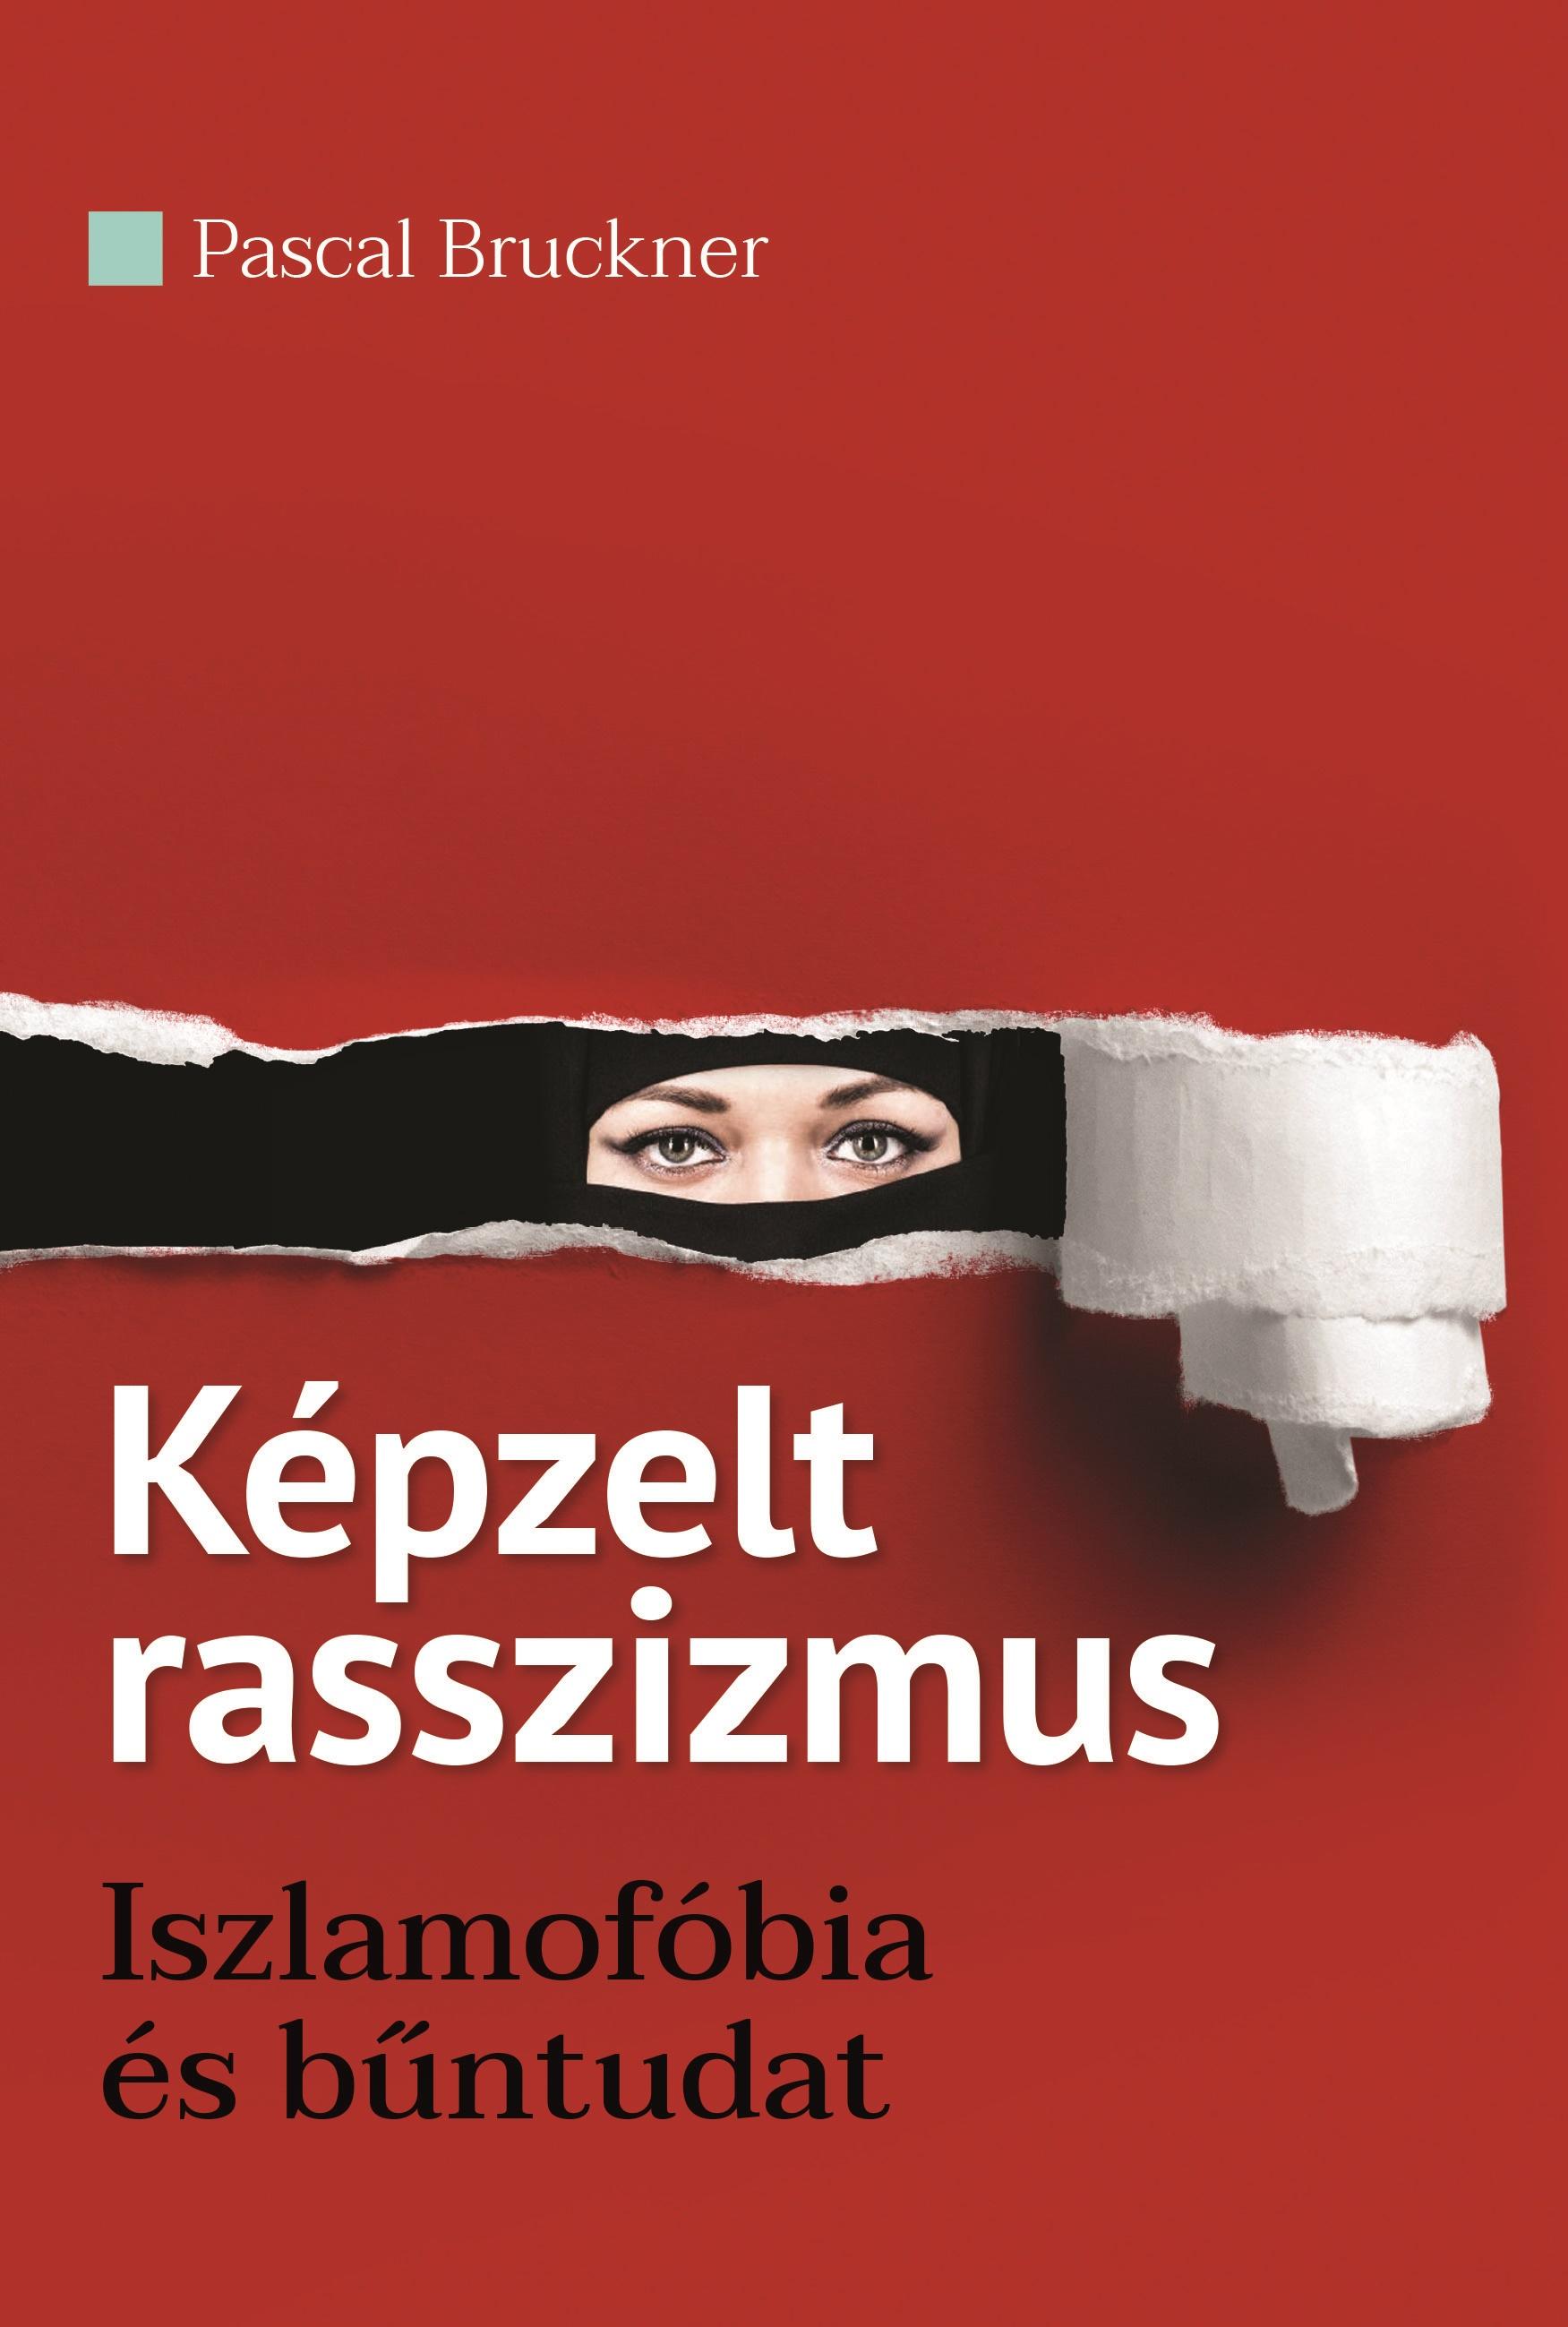 Képzelt rasszizmus - Iszlamofóbia és bűntudat - Pascal Bruckner |